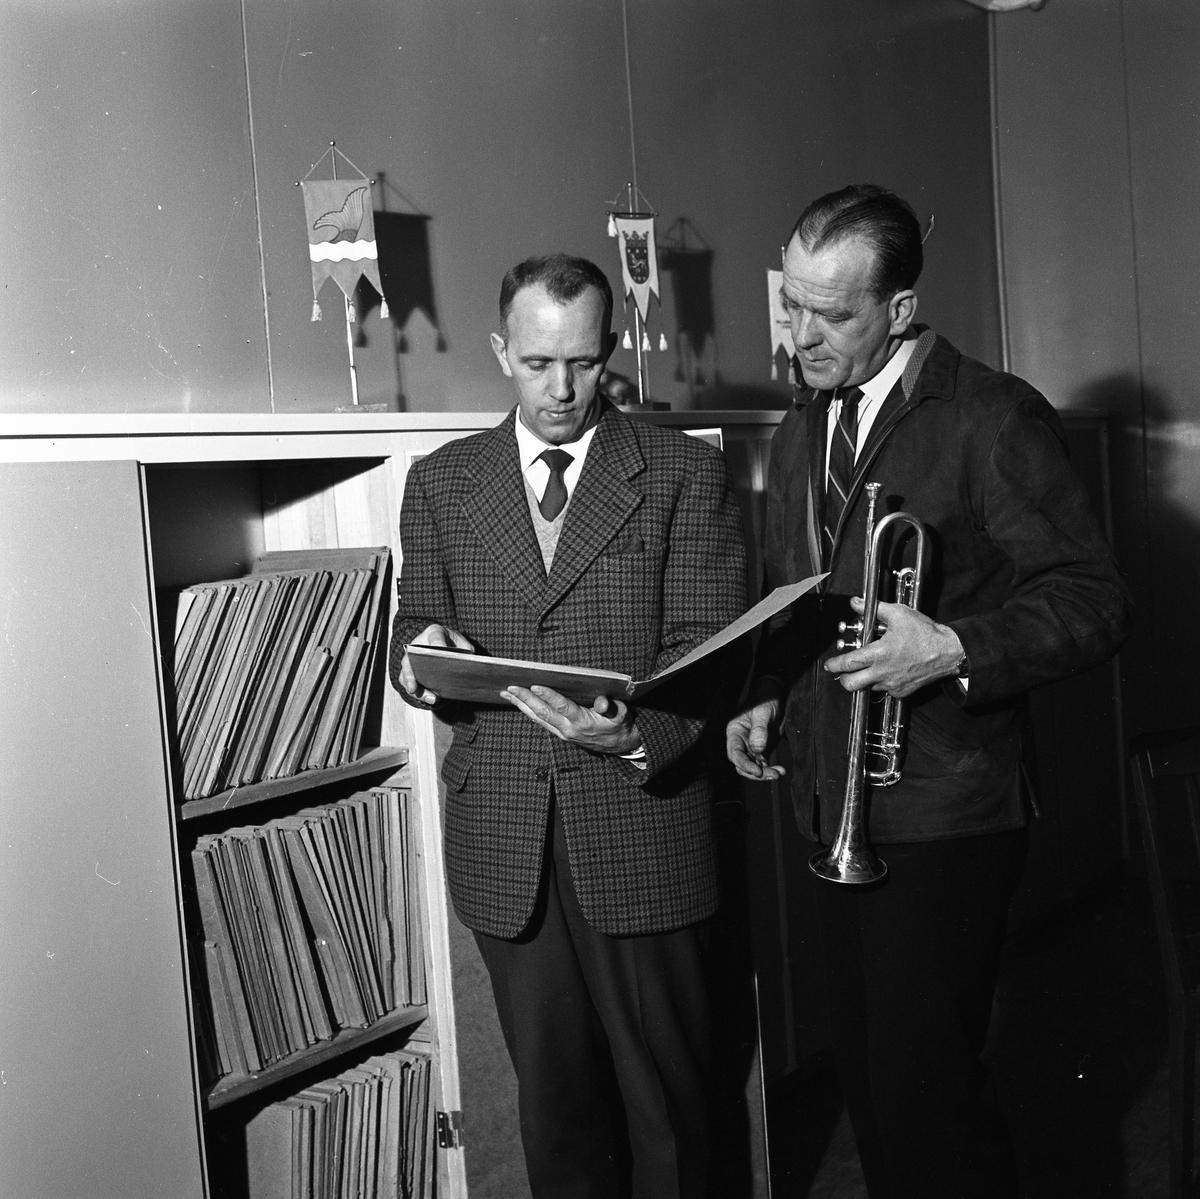 Arboga Blåsorkester repeterar En man plockar fram noter, mannen bredvid håller i en trumpet Vid sidan av dem står en hylla men noter.